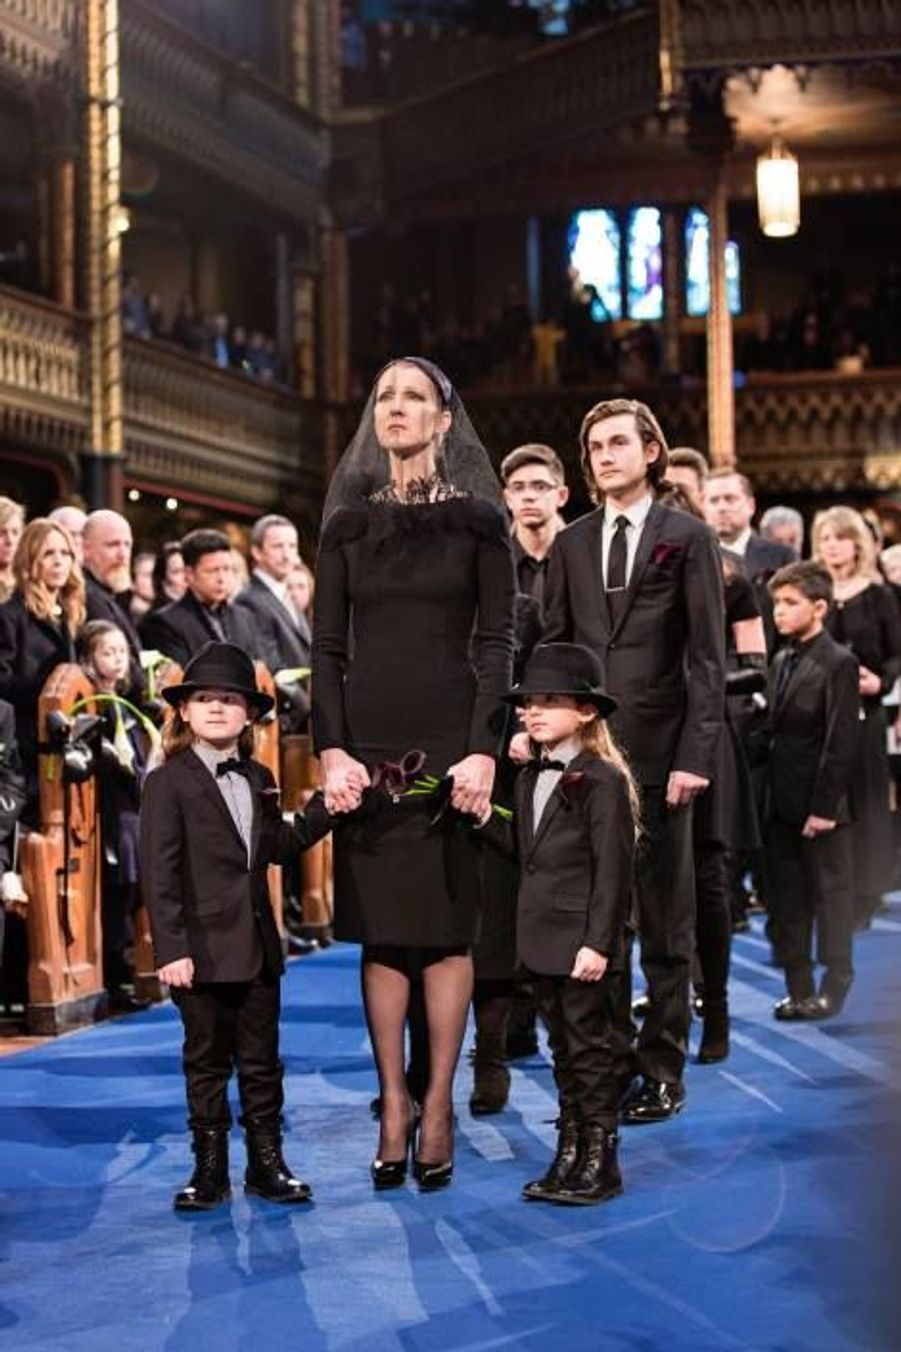 Entrée de Céline Dion et des enfants à l'intérieur de la Basilique